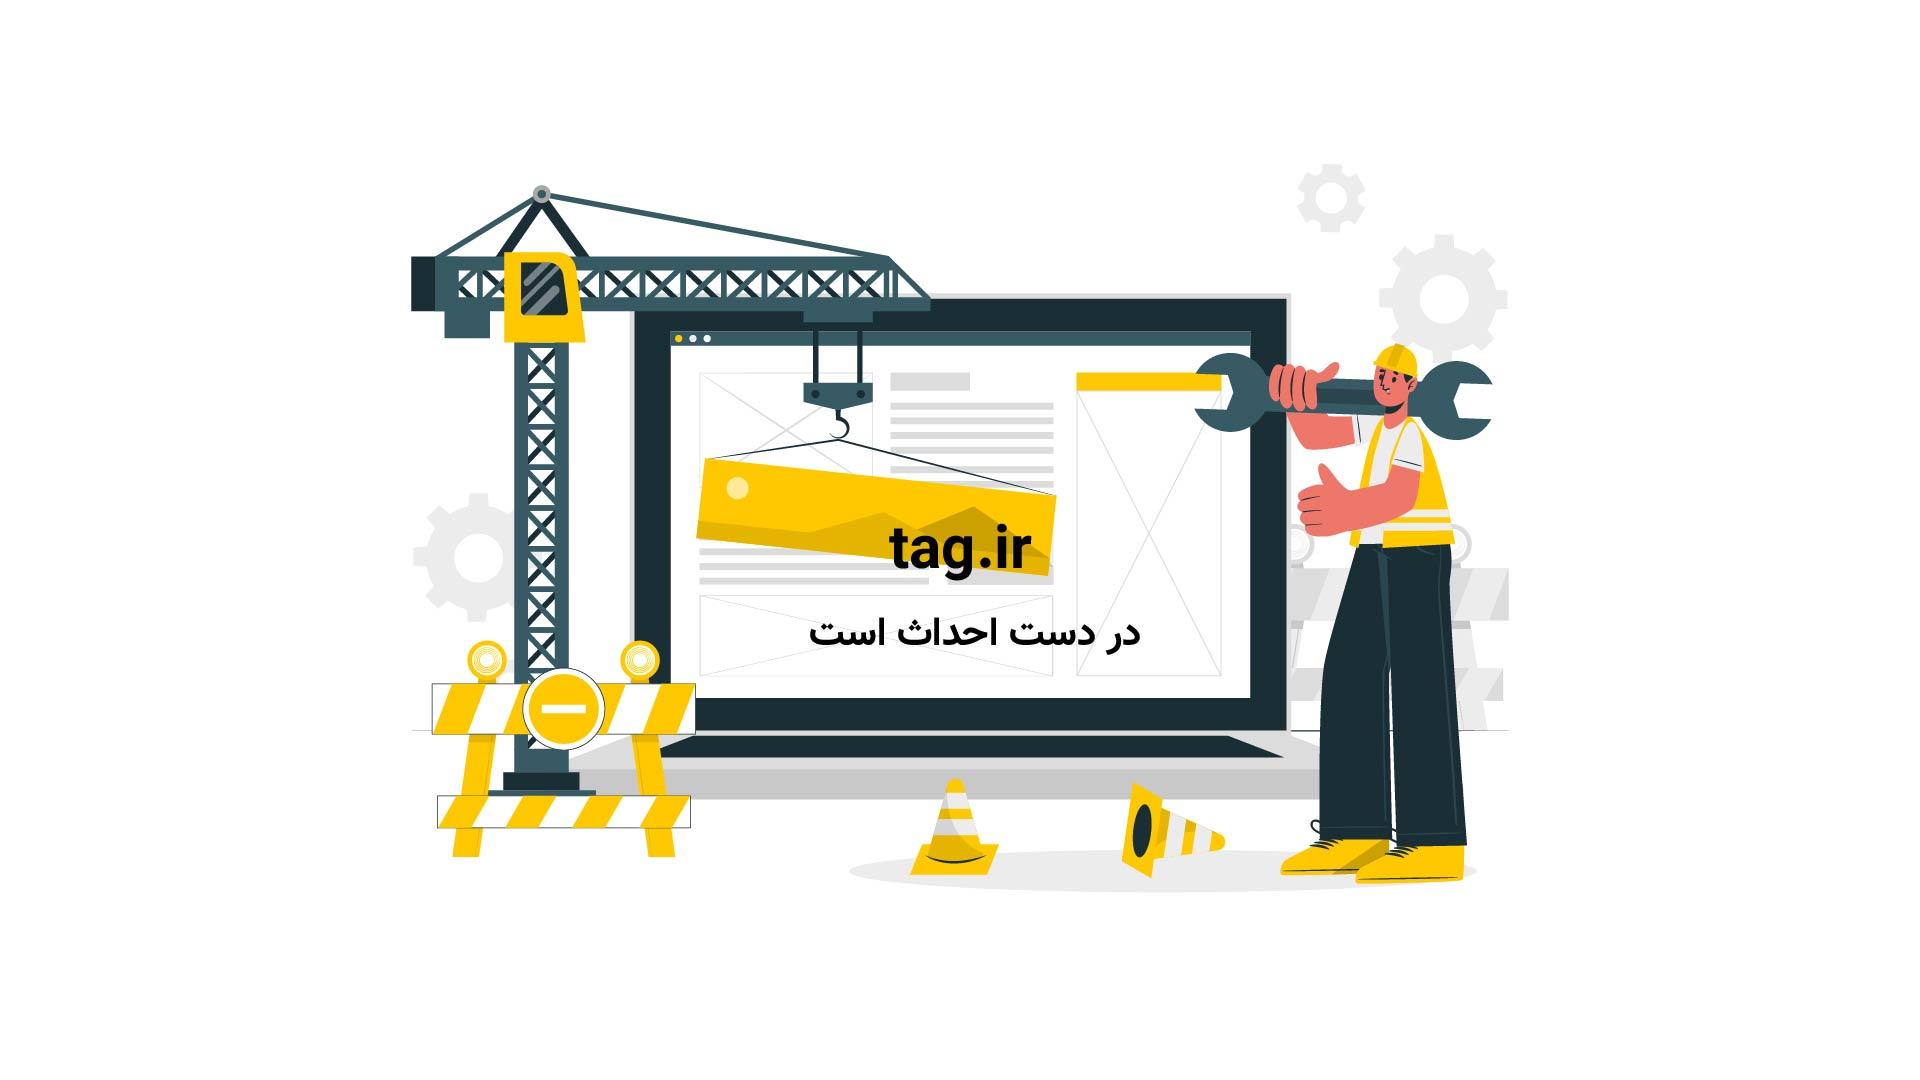 تیم ملی فرانسه | تگ